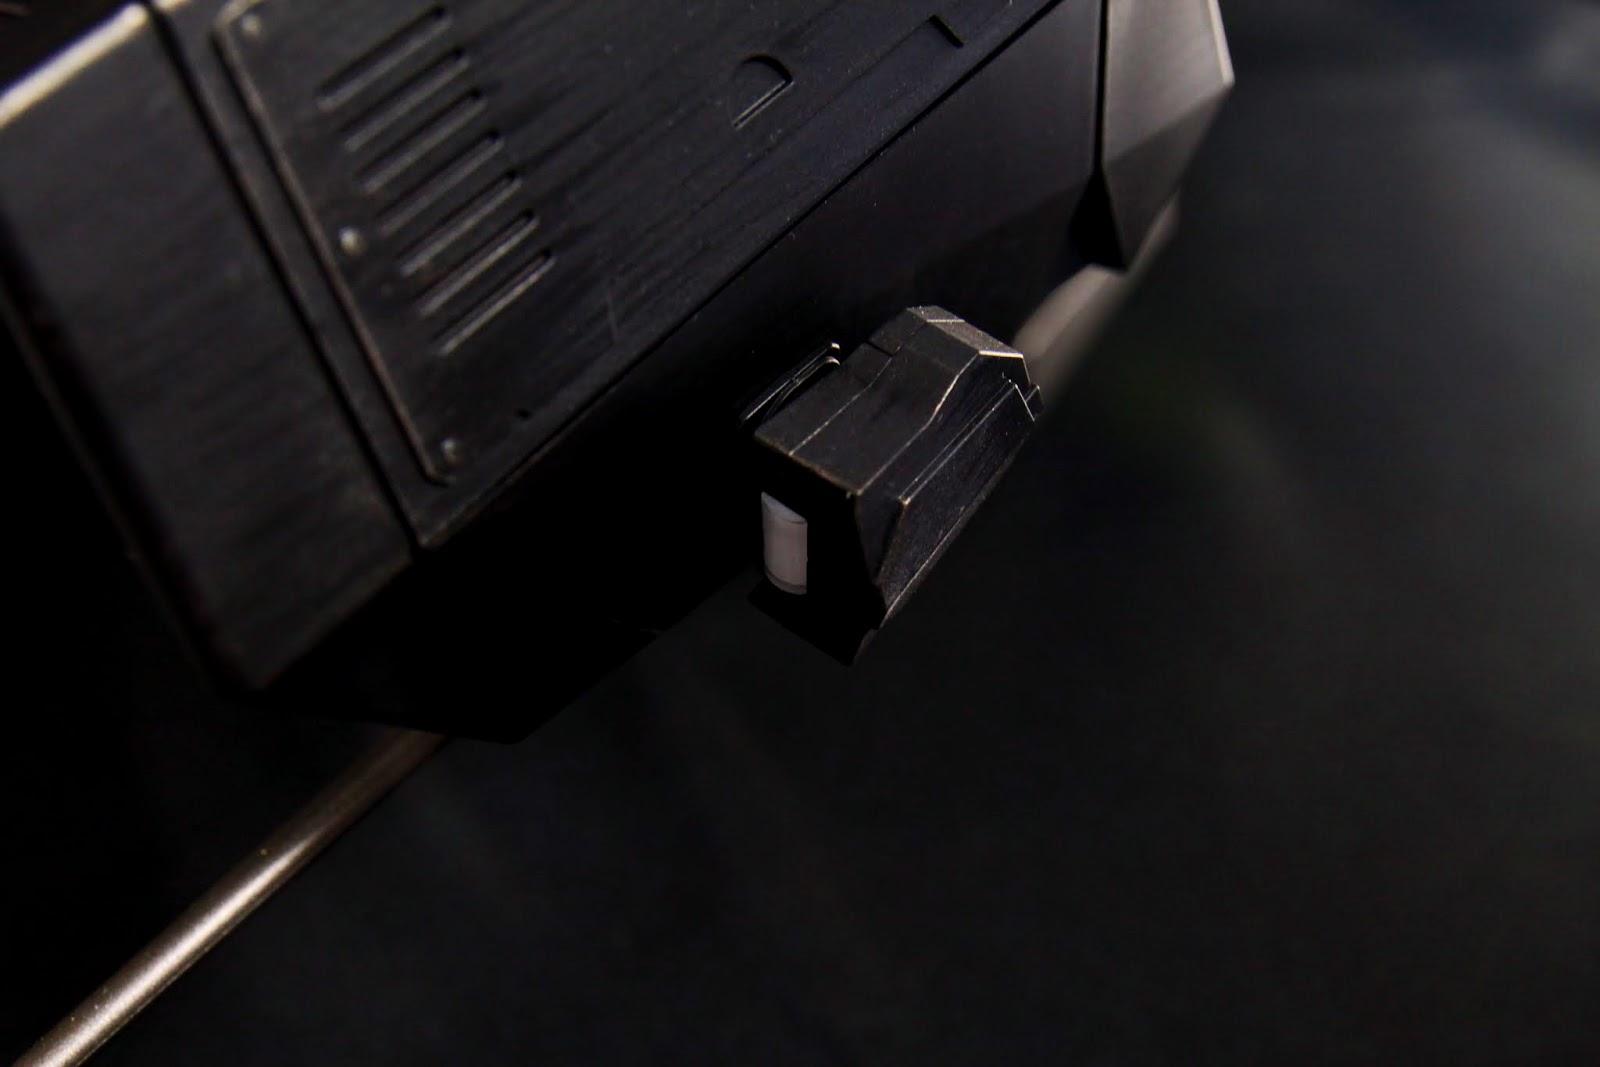 渦輪旁的兩盞LED燈是可以轉動的